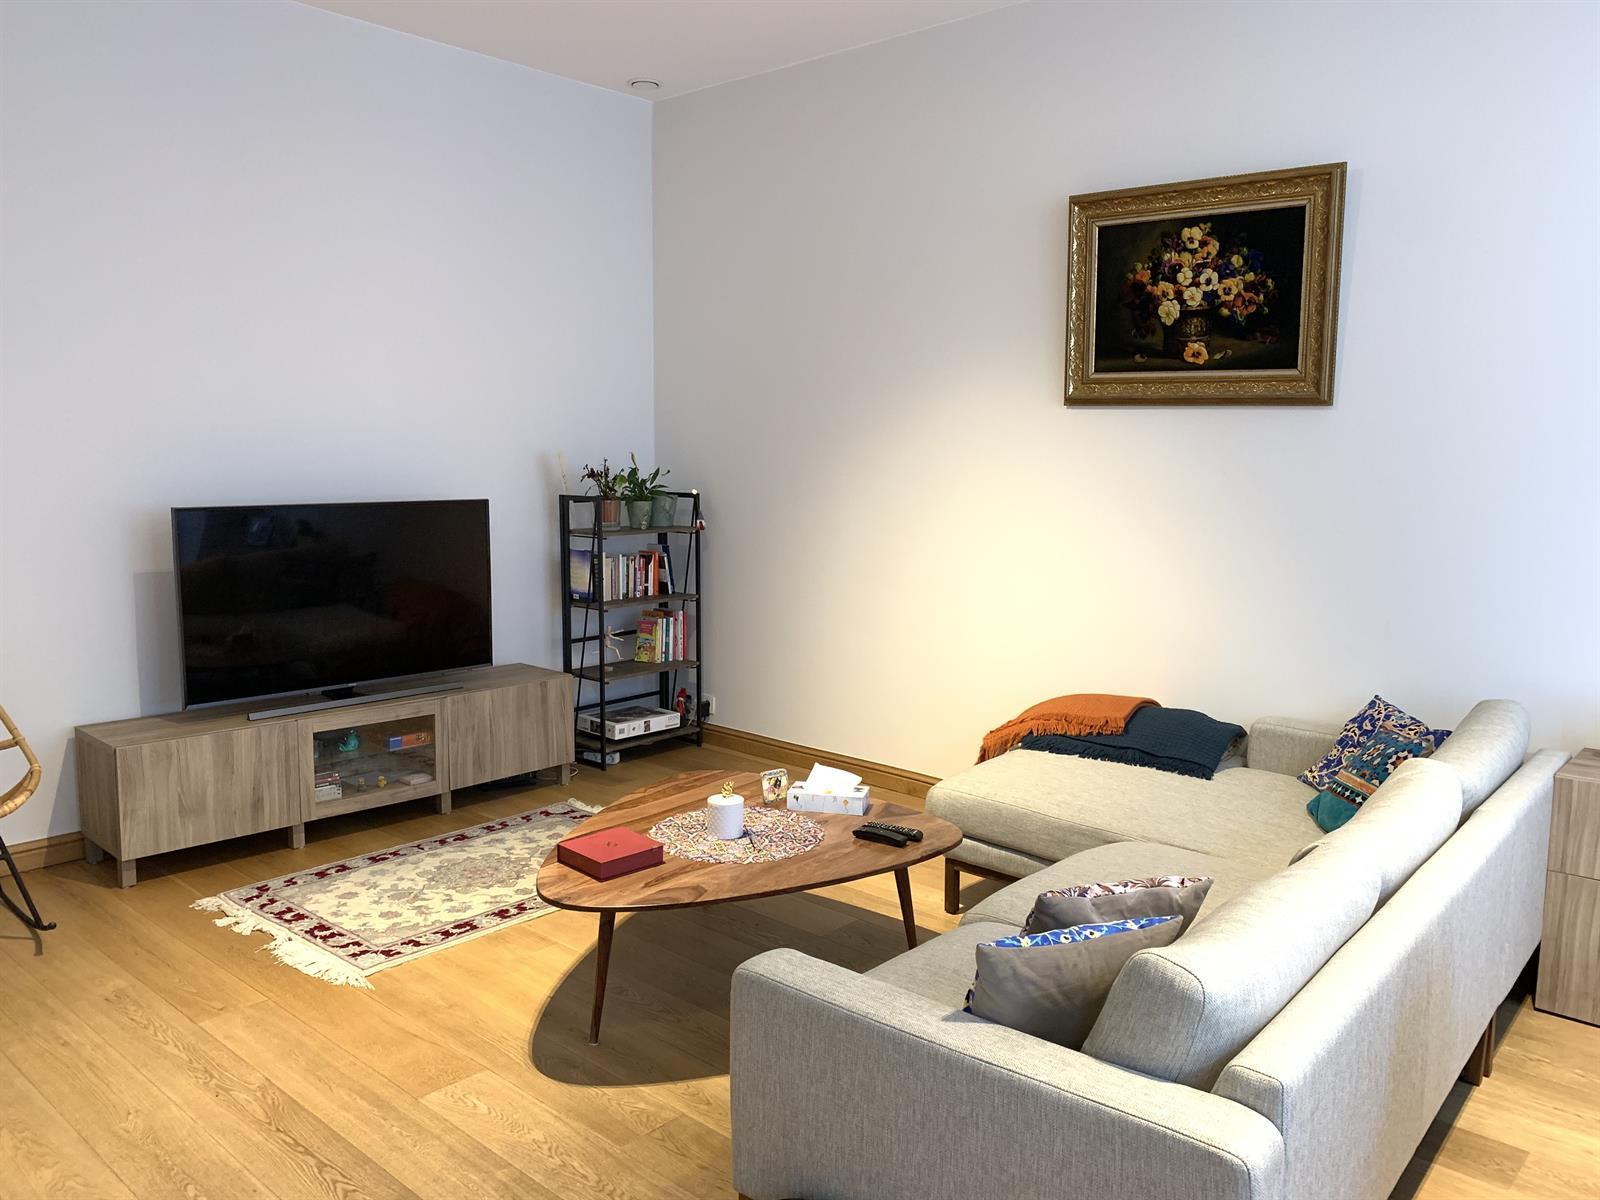 Appartement exceptionnel - Bruxelles - #4094385-39